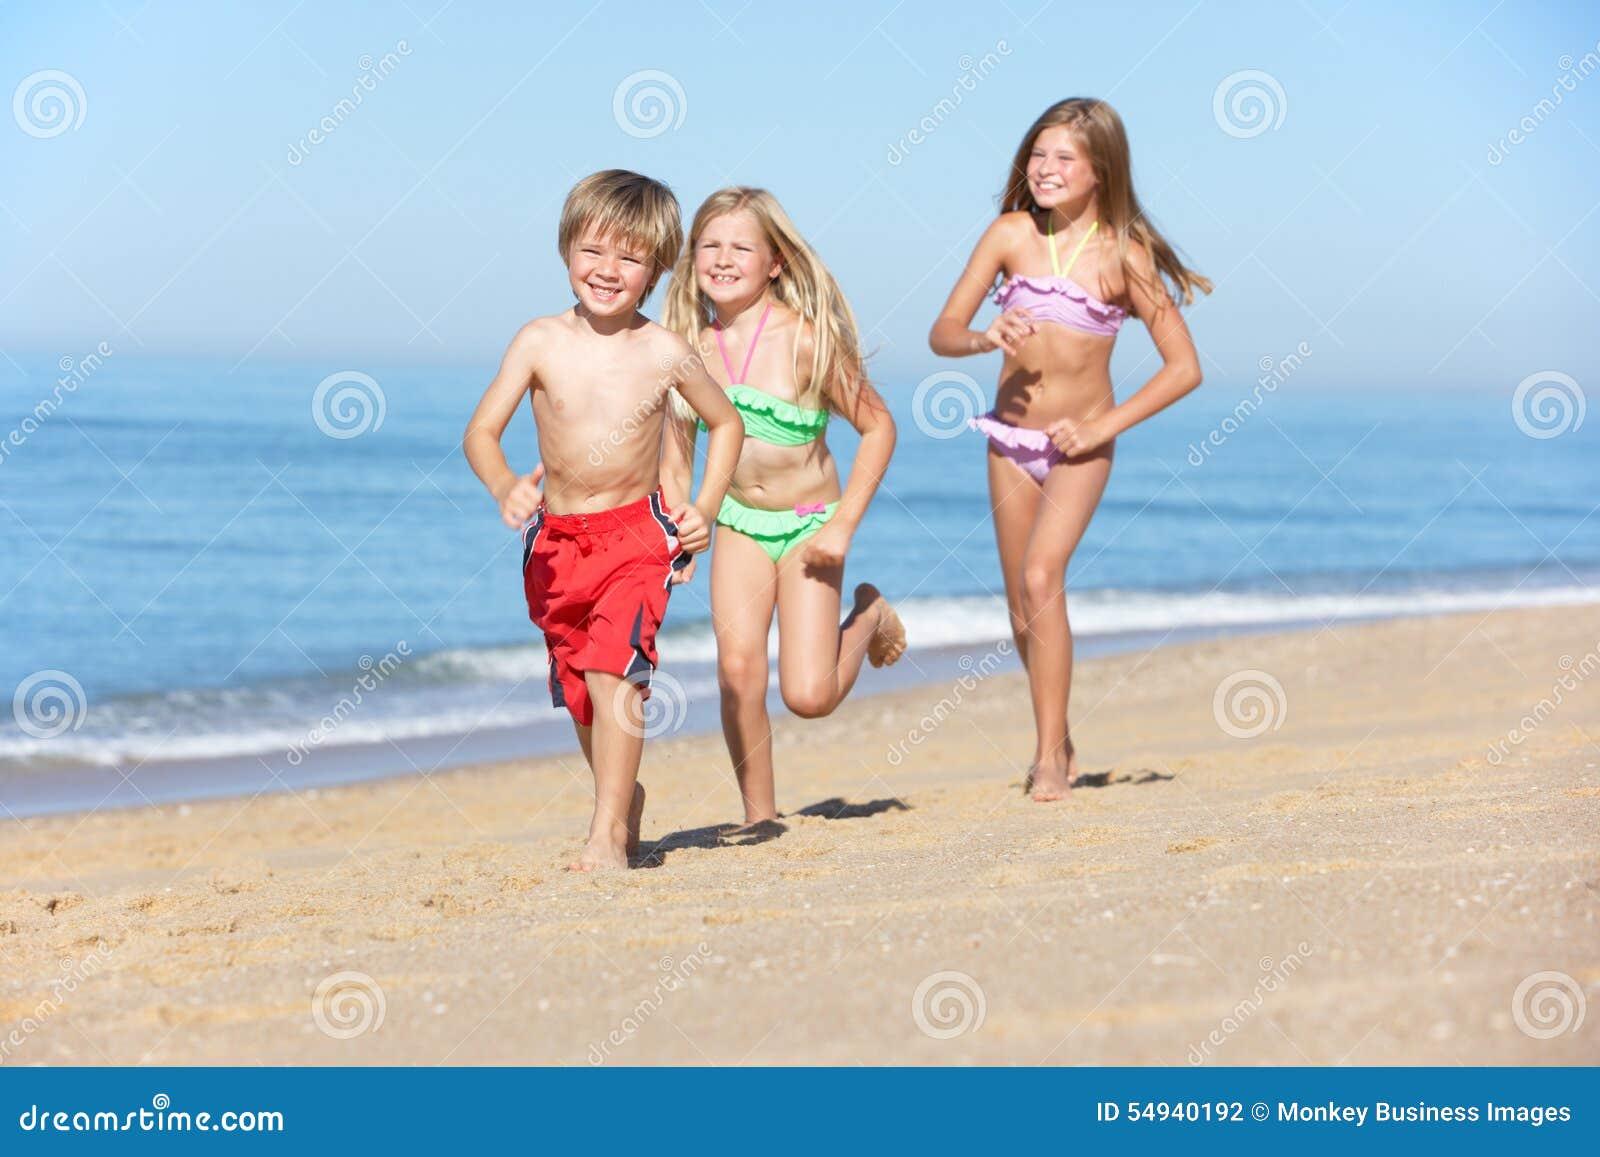 Παιδιά που τρέχουν κατά μήκος της θερινής παραλίας